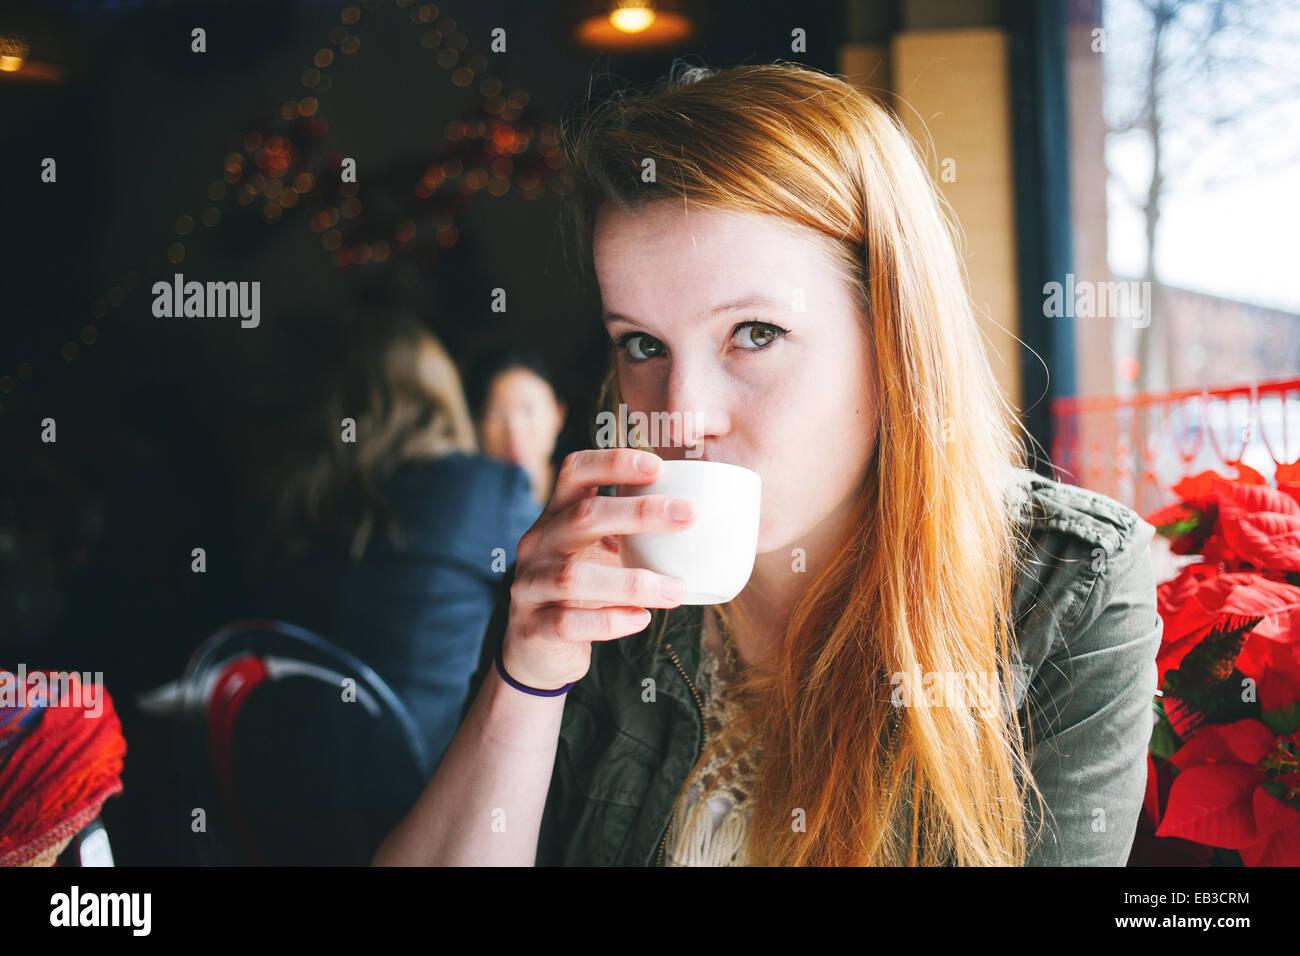 Stati Uniti d'America, Illinois, Chicago, Ritratto di giovane donna sorseggiando dalla tazza bianca in ristorante Immagini Stock